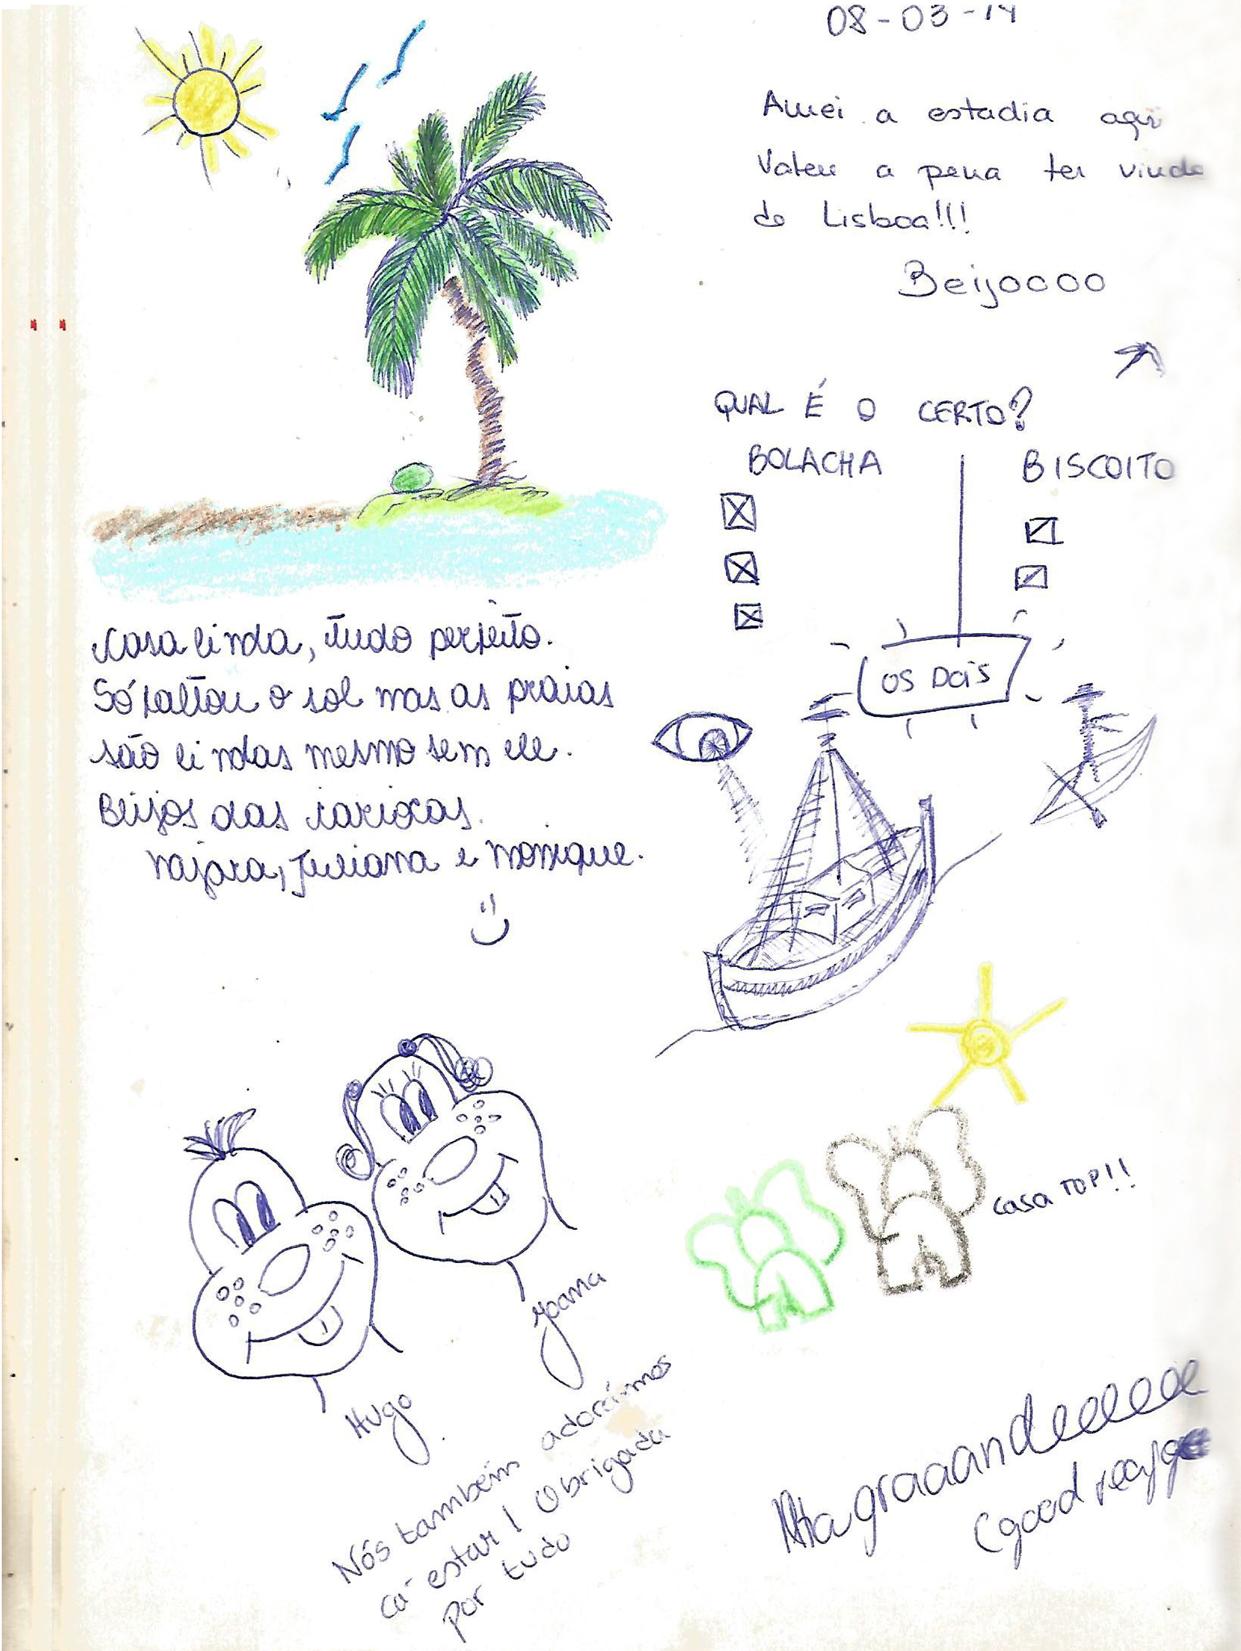 diario-casa-do-canto_07.jpg